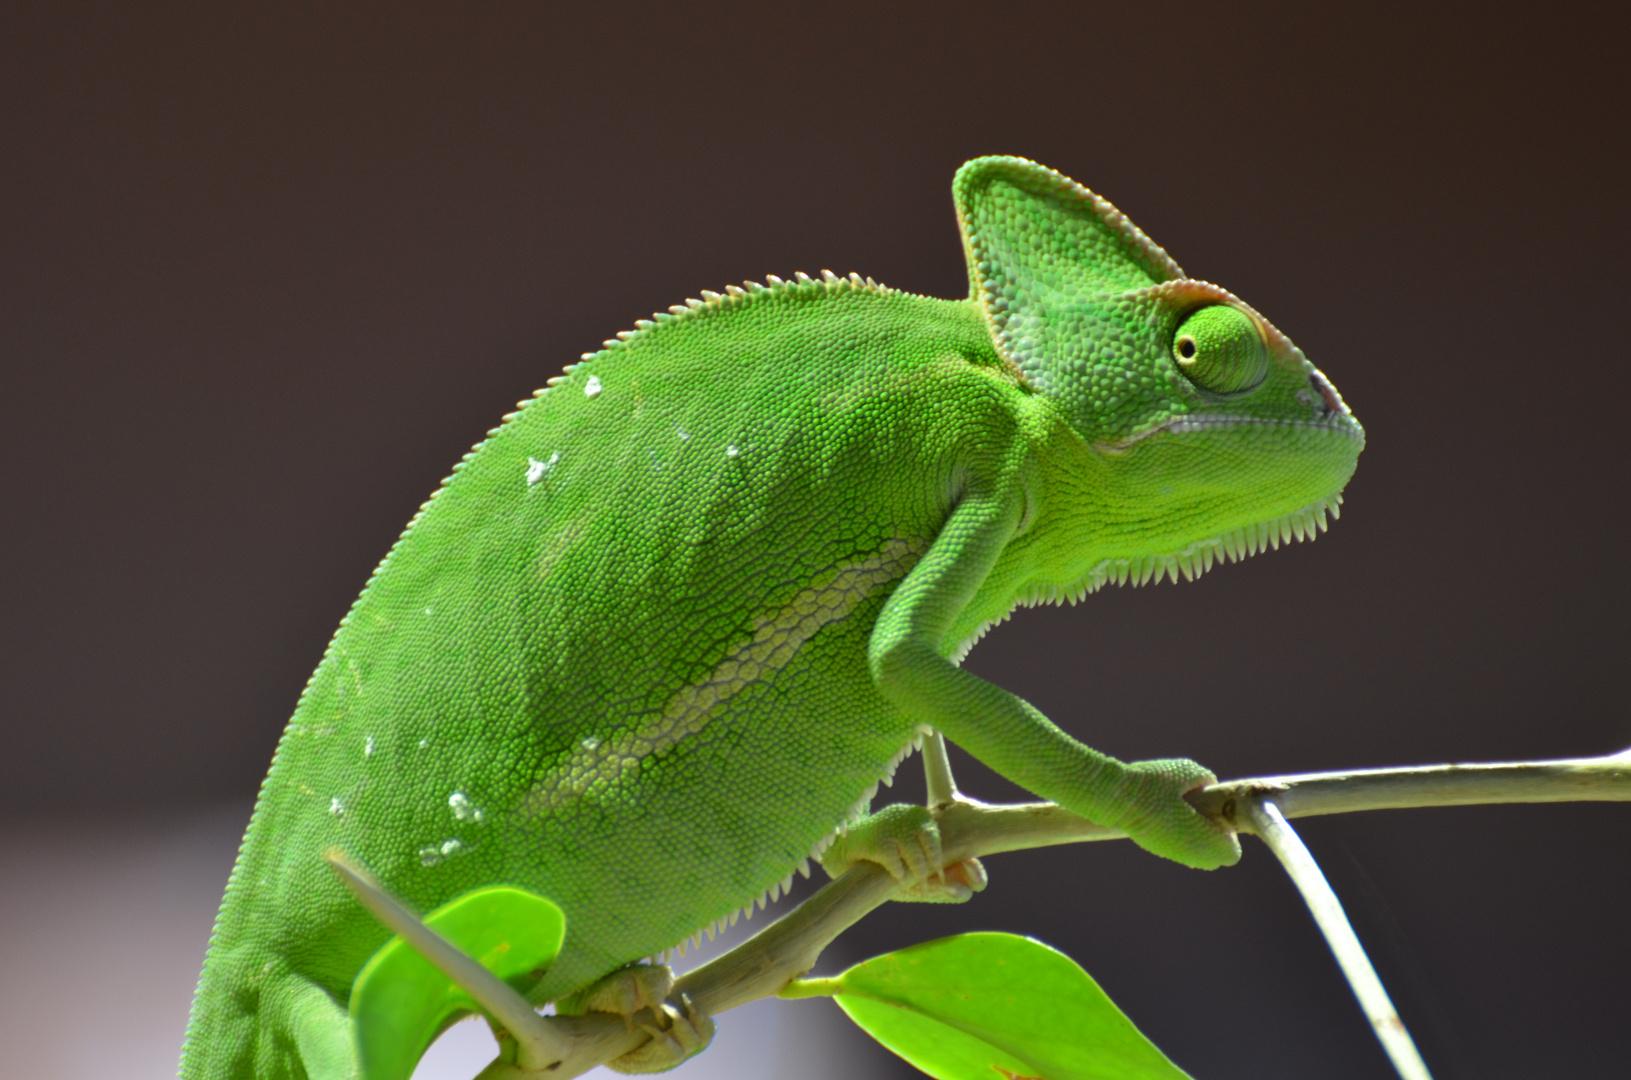 Das kleine grüne Chamäleon